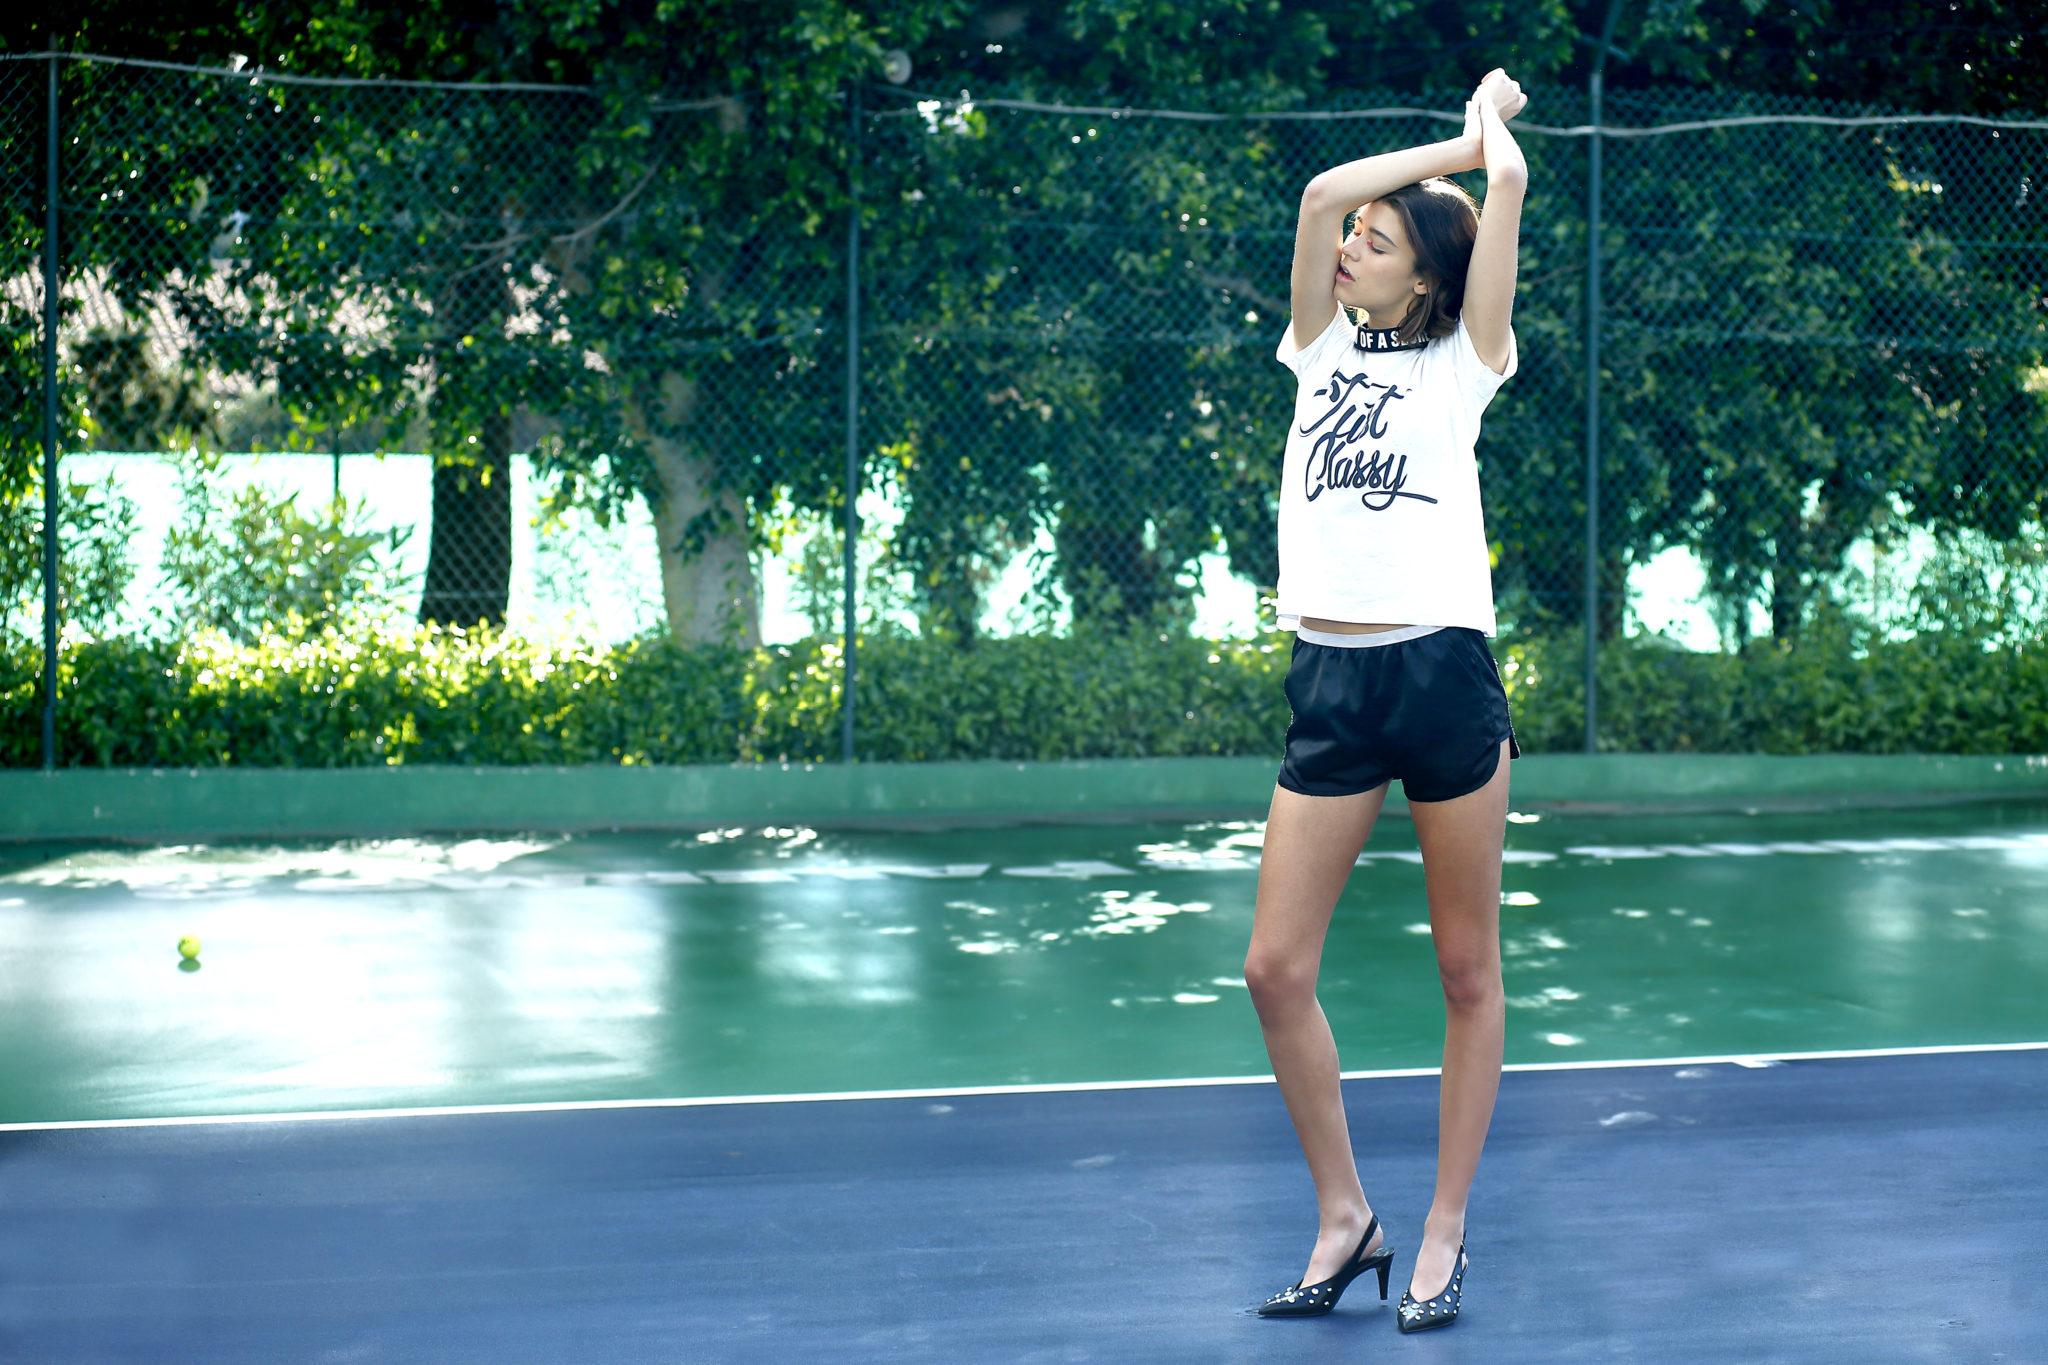 campo tennis anna22513.000